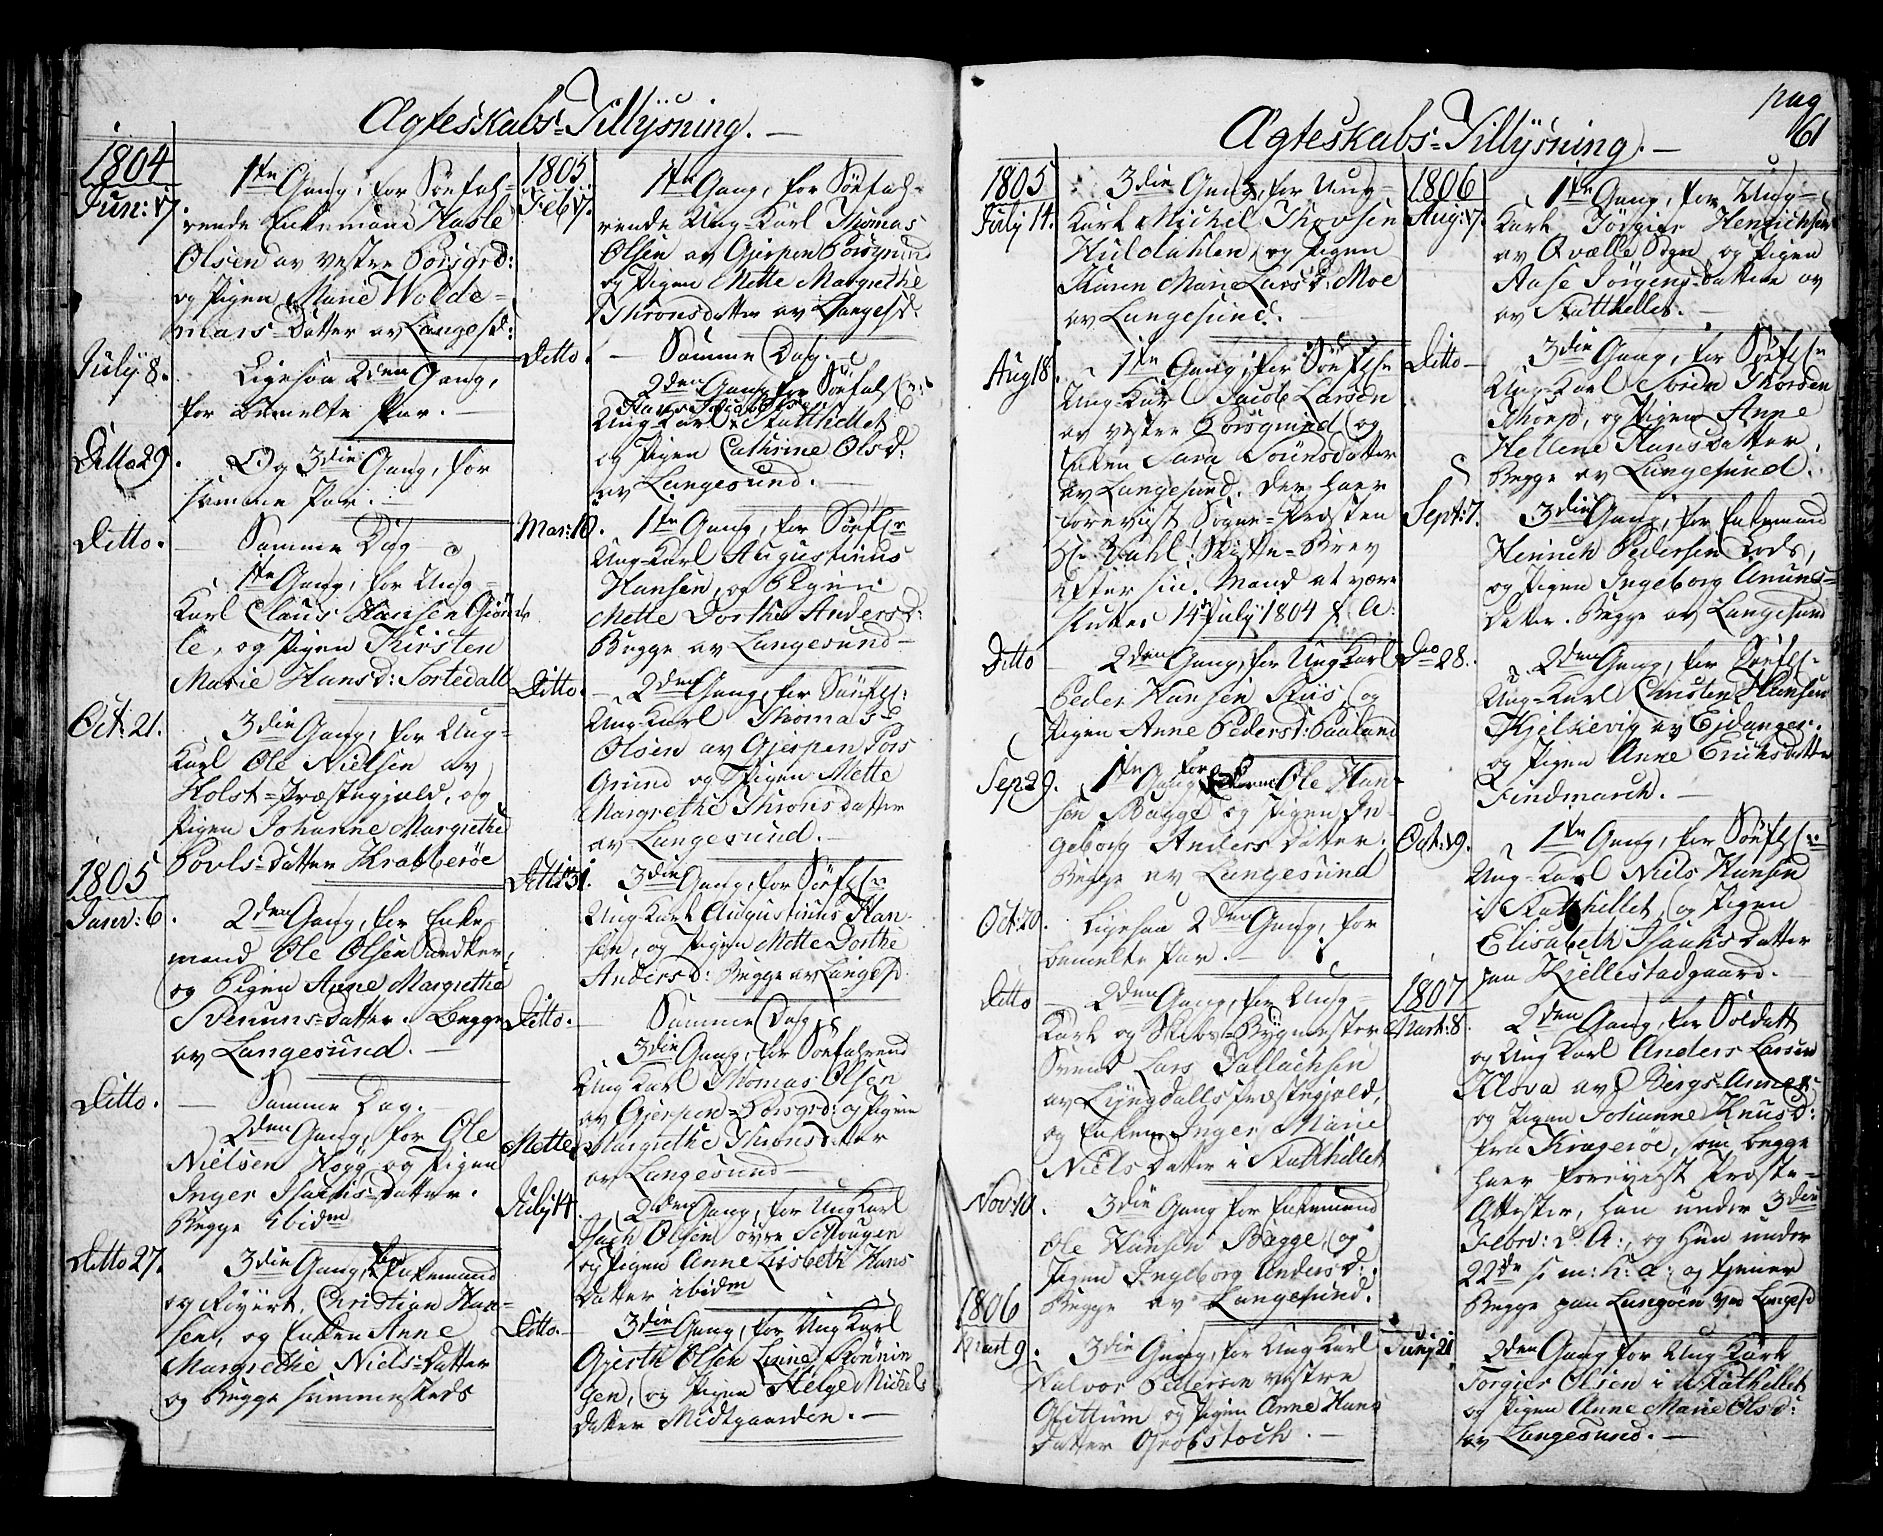 SAKO, Langesund kirkebøker, G/Ga/L0002: Klokkerbok nr. 2, 1801-1815, s. 61